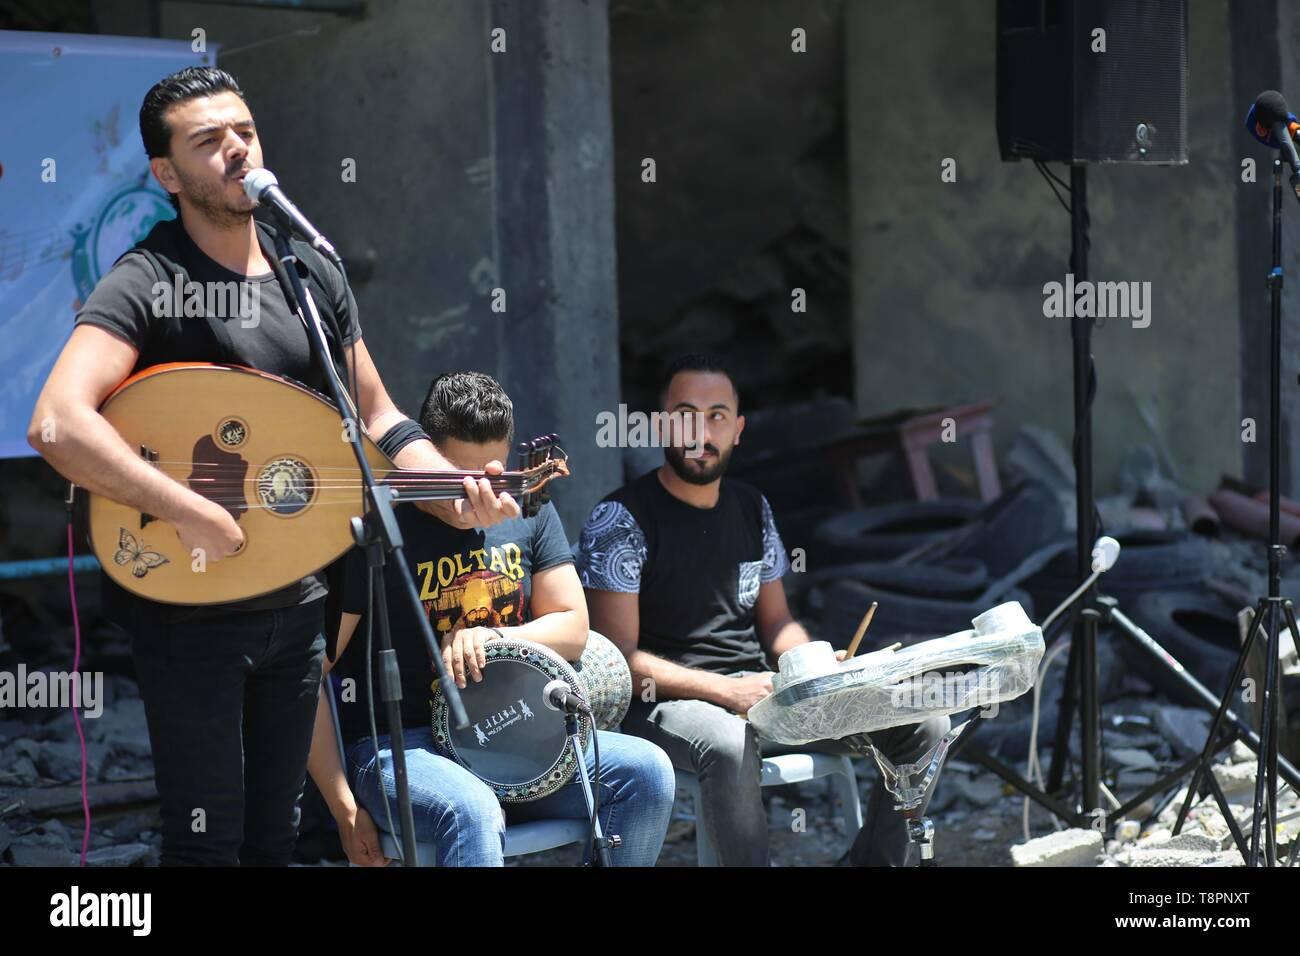 Gaza City, Palestine  14th May, 2019  Palestinian band perform at